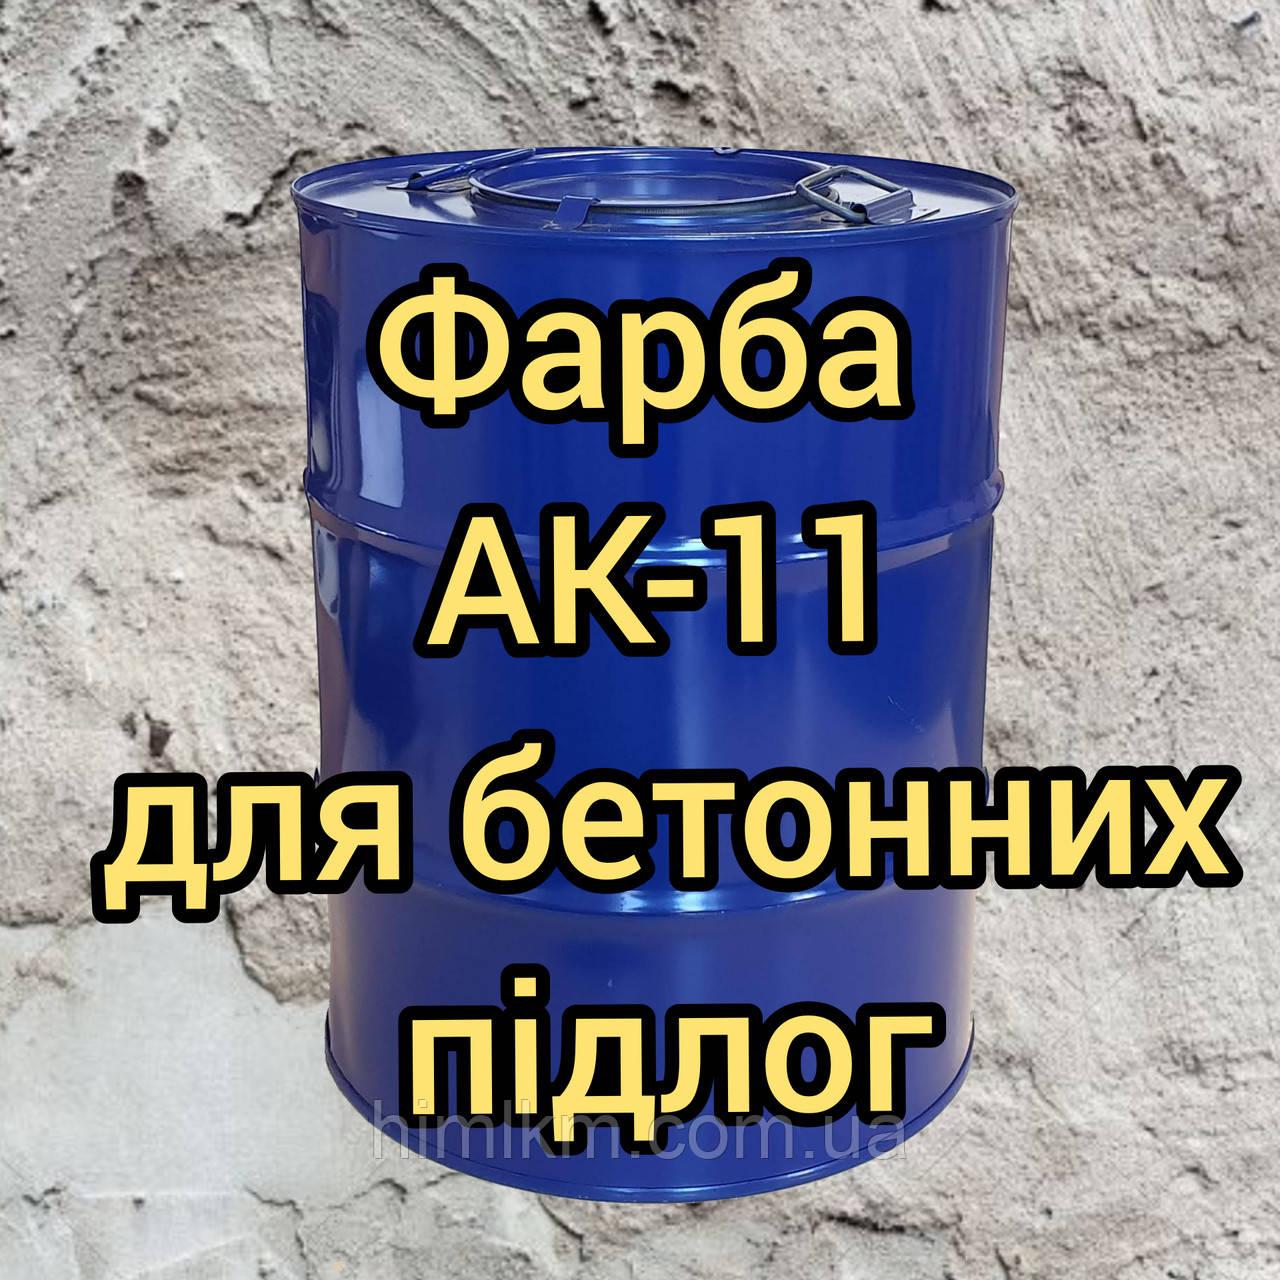 Краска АК-11 акриловая для бетонных полов, бордюров, разметки дорог, камня, щебня, 30кг